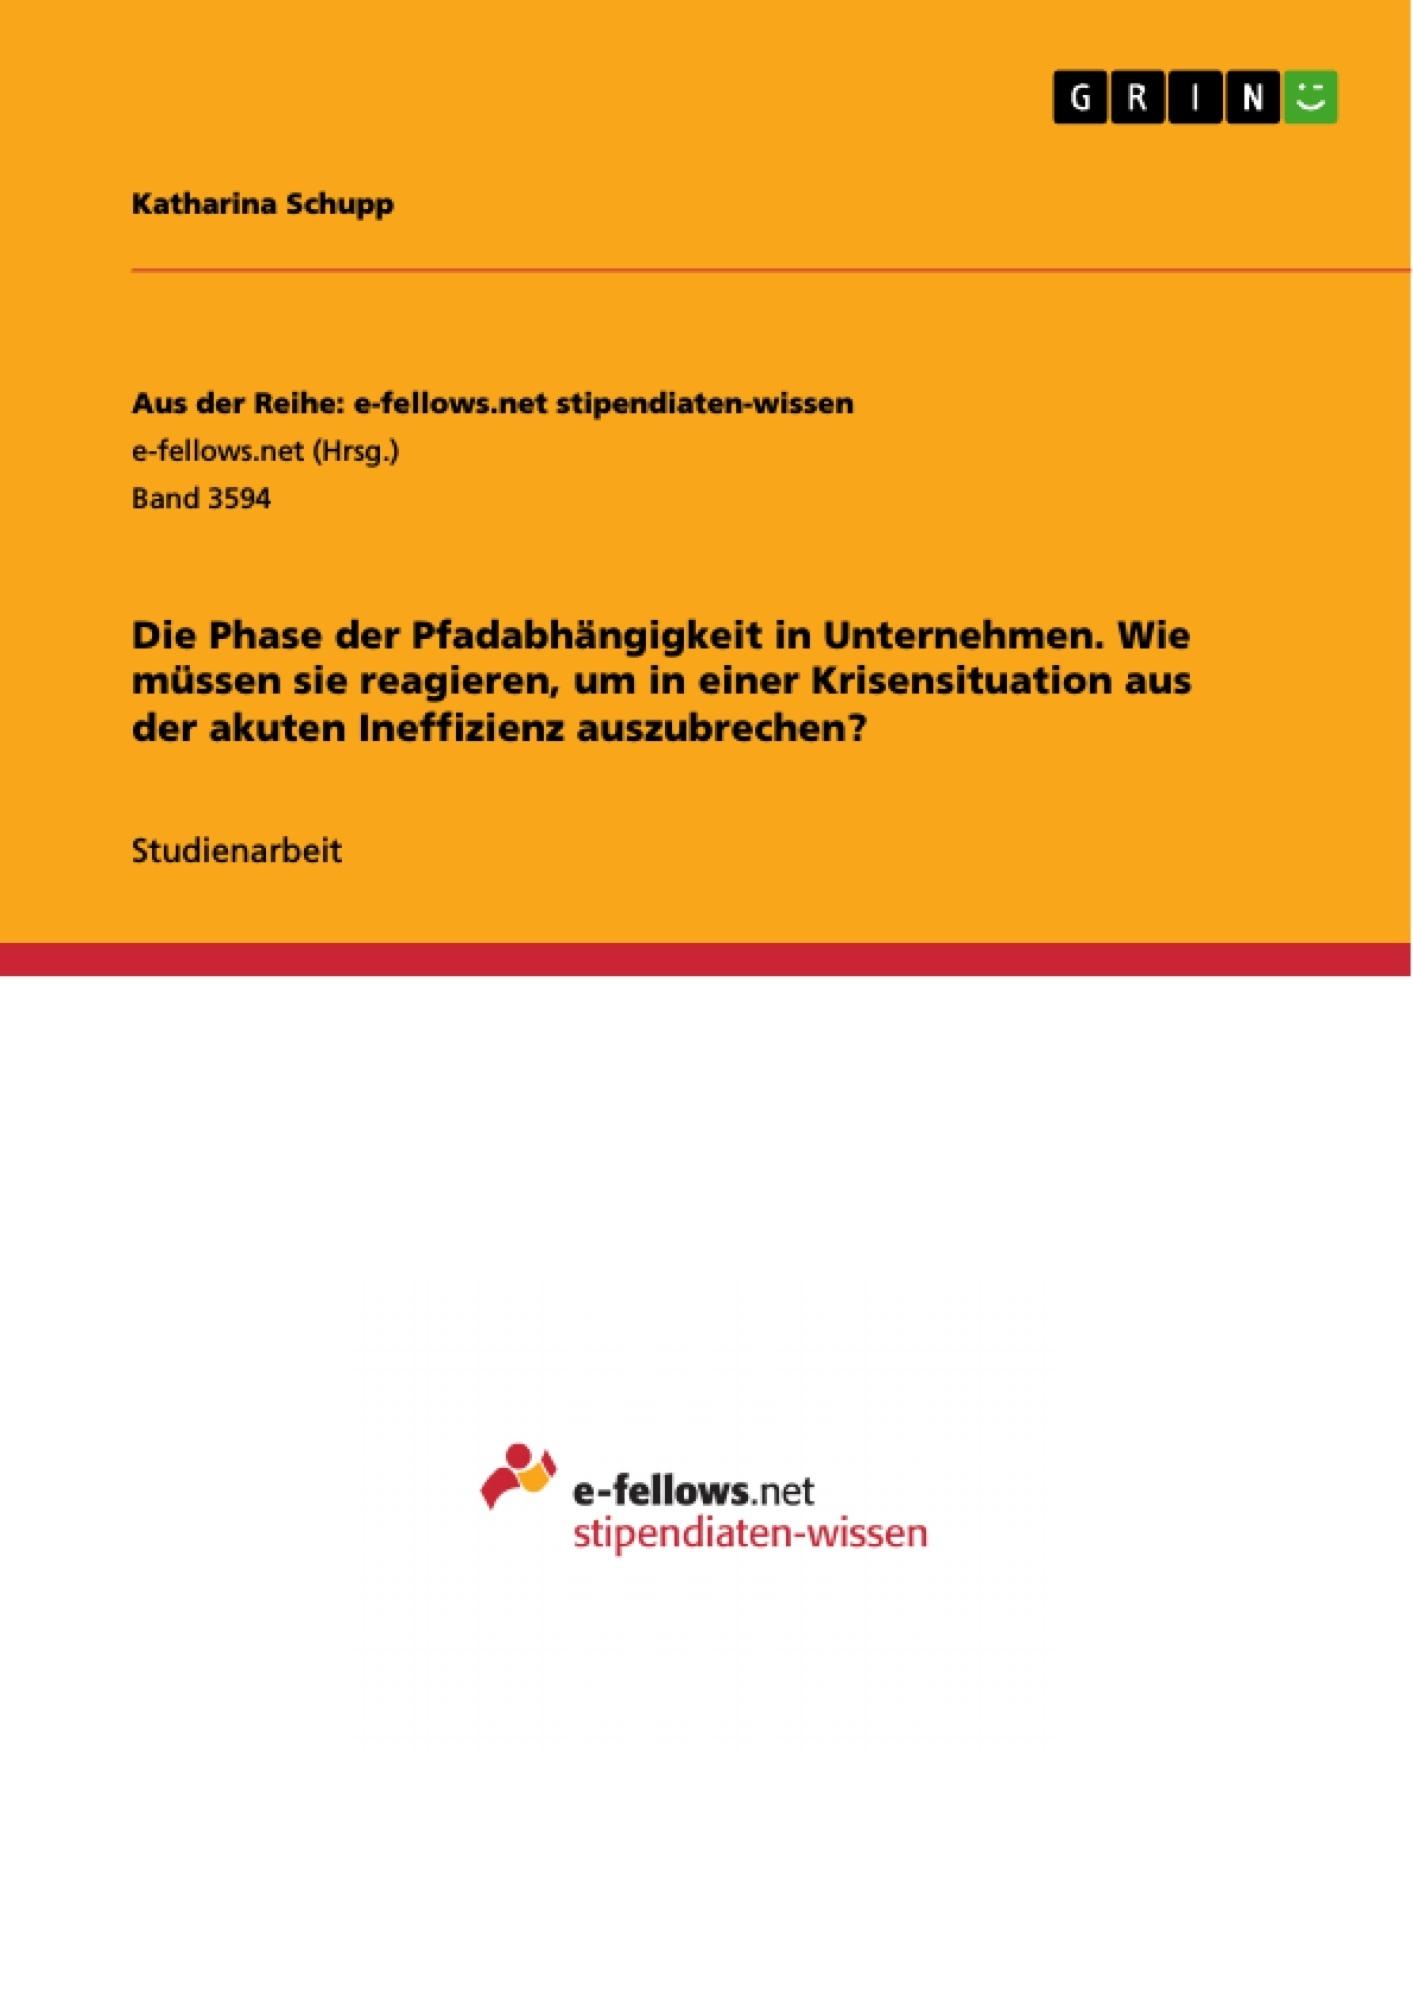 Titel: Die Phase der Pfadabhängigkeit in Unternehmen. Wie müssen sie reagieren, um in einer Krisensituation aus der akuten Ineffizienz auszubrechen?